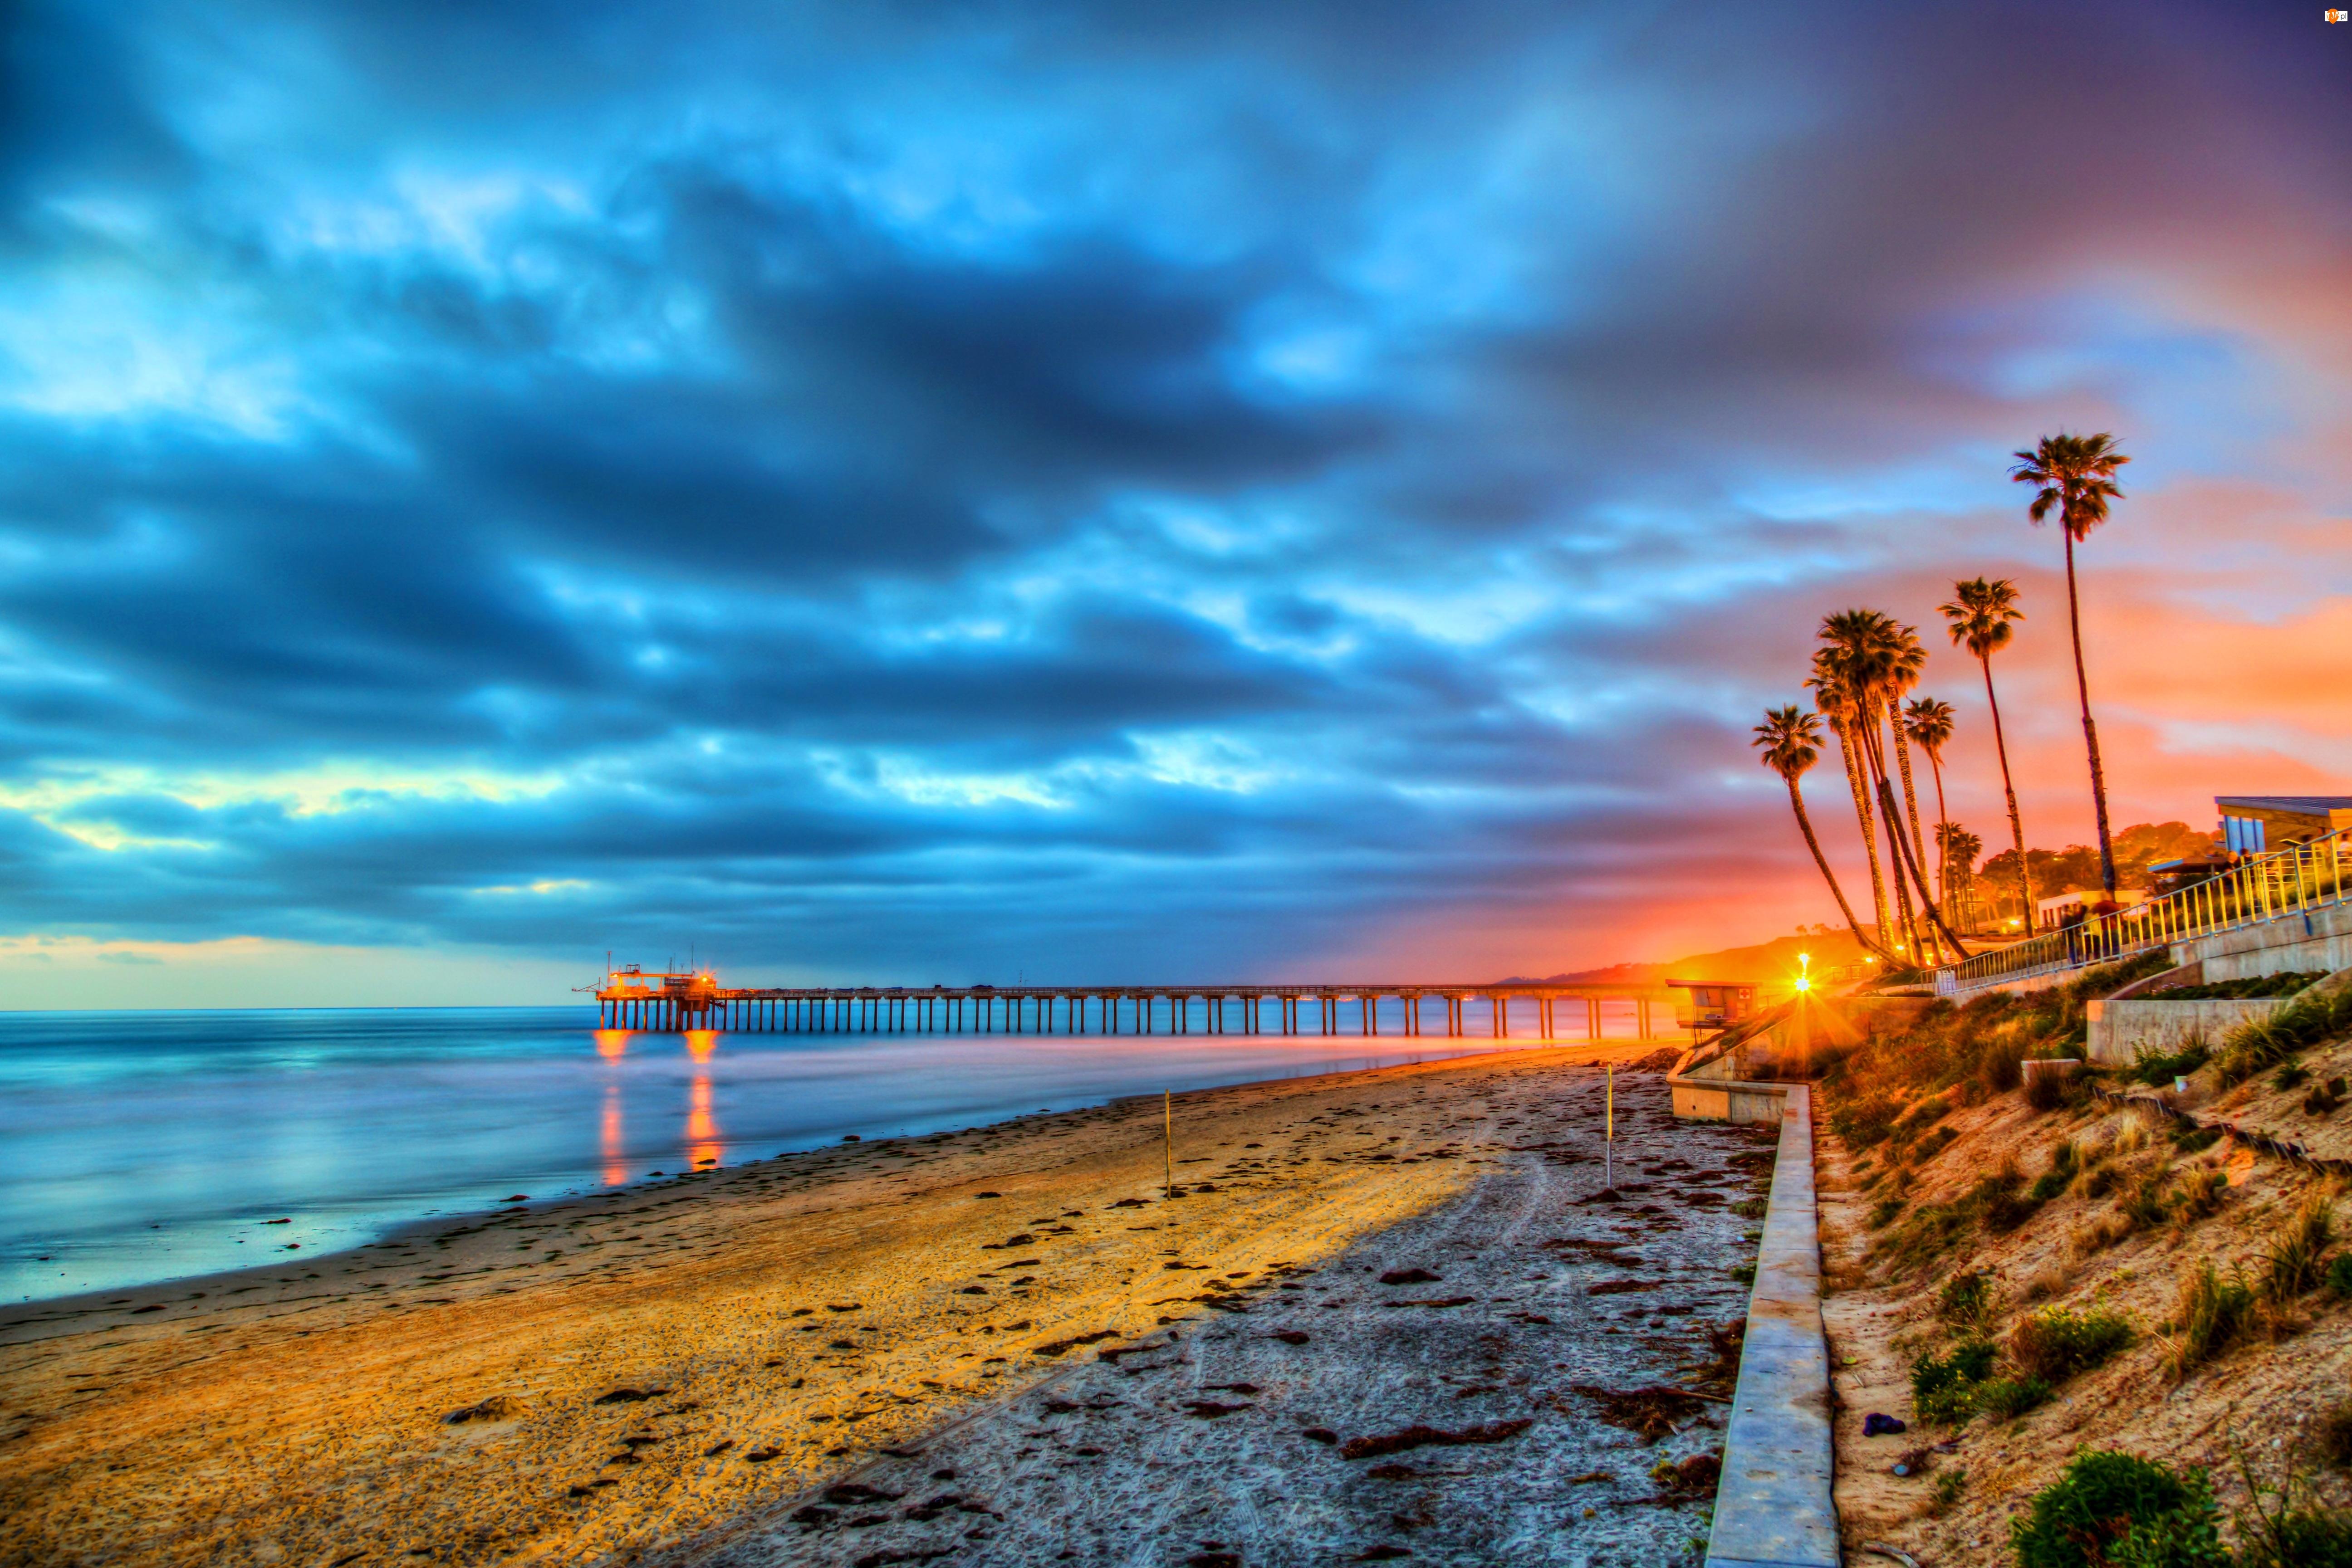 Morze, Zachód Słońca, Plaża, Pomost